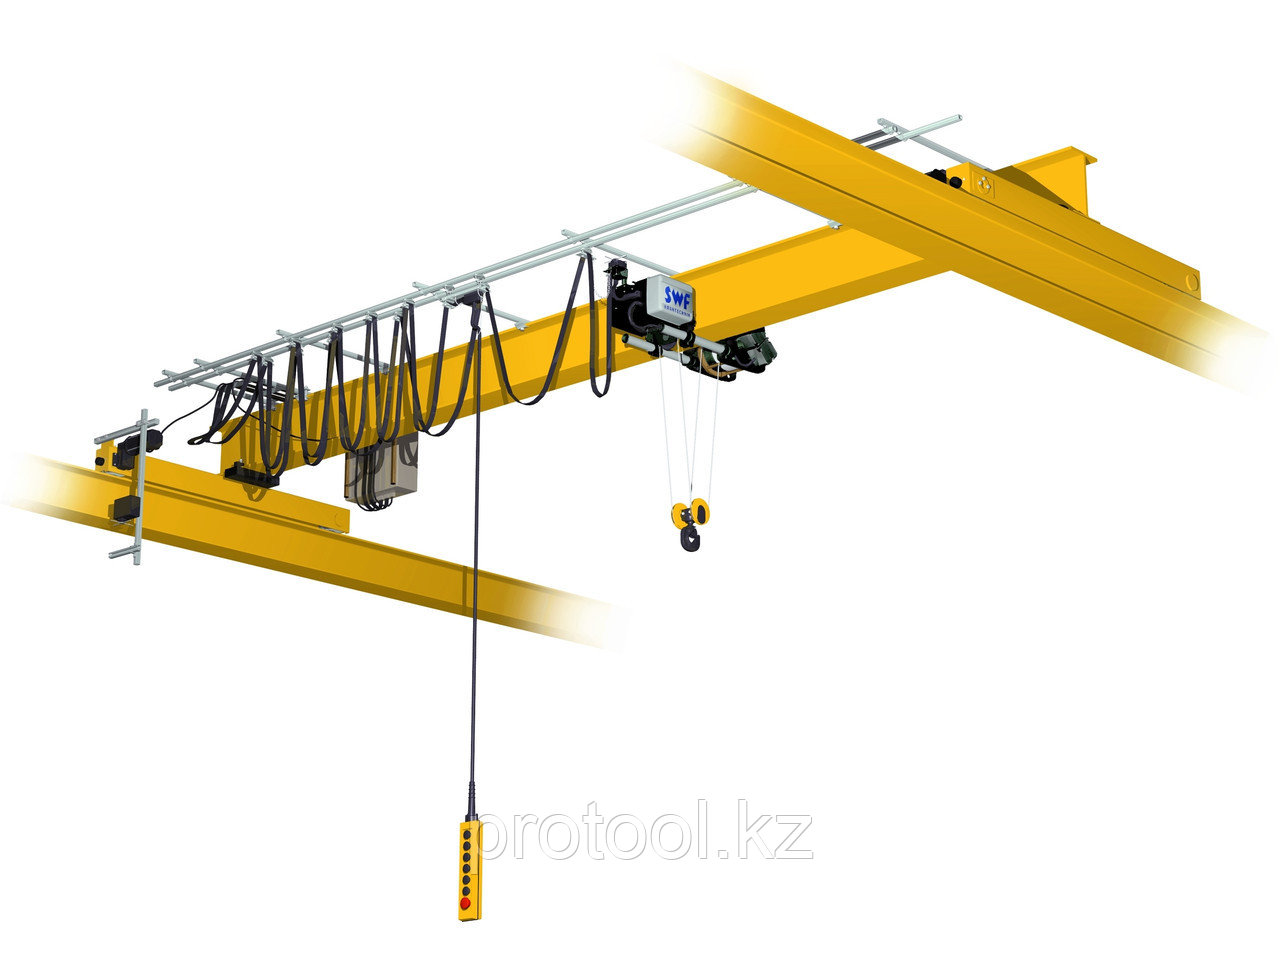 Кран мостовой однобалочный опорный однопролётный г/п 3,2 т пролет 9,0 м